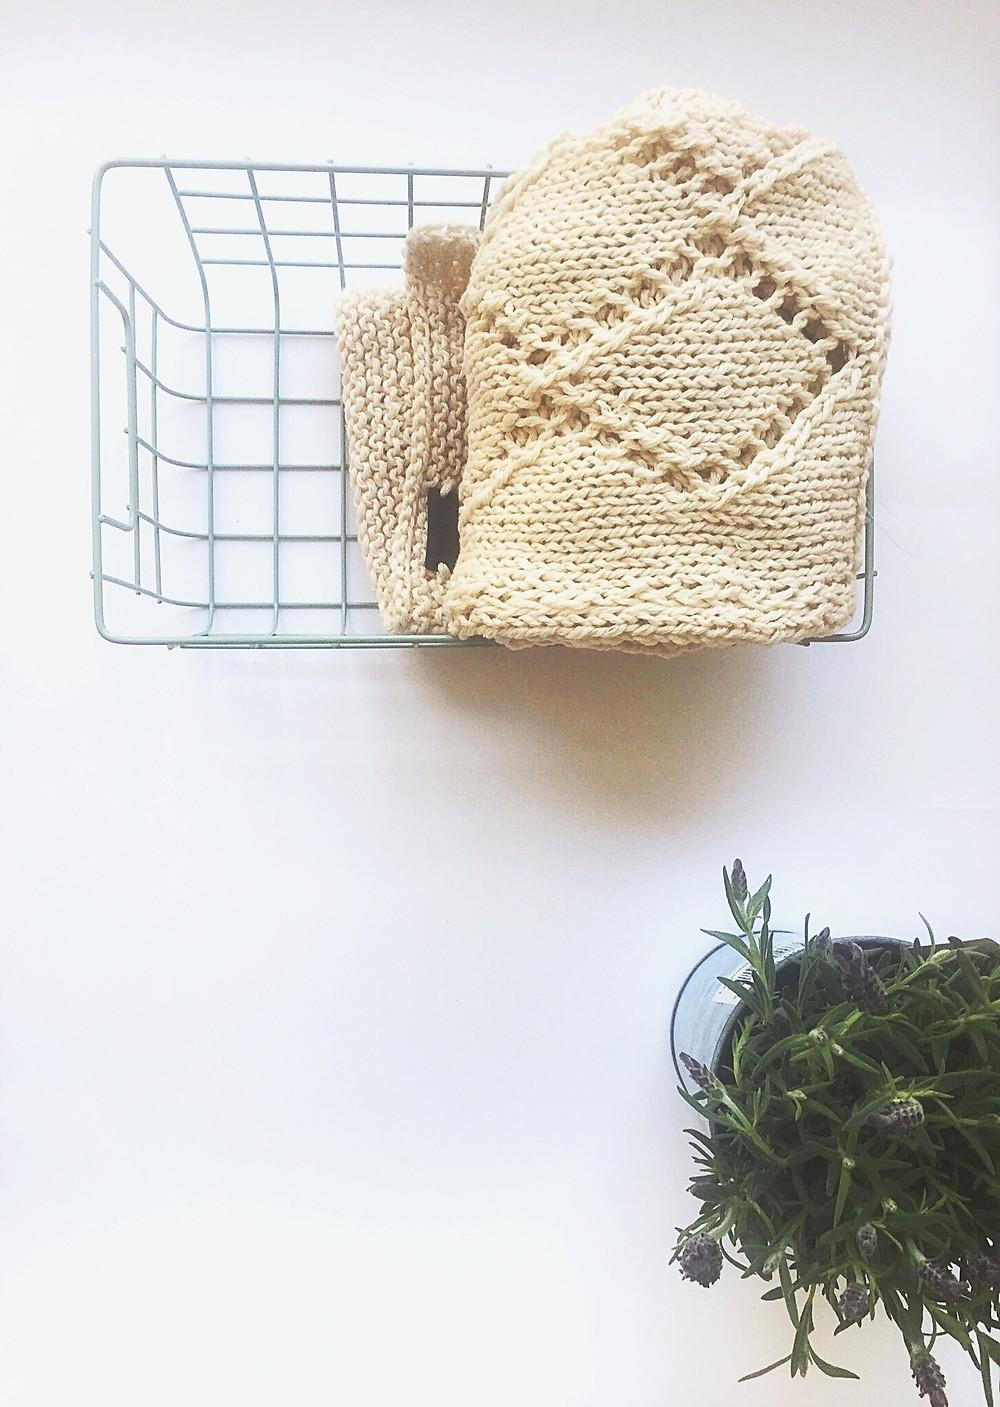 knitwear_woolnomads